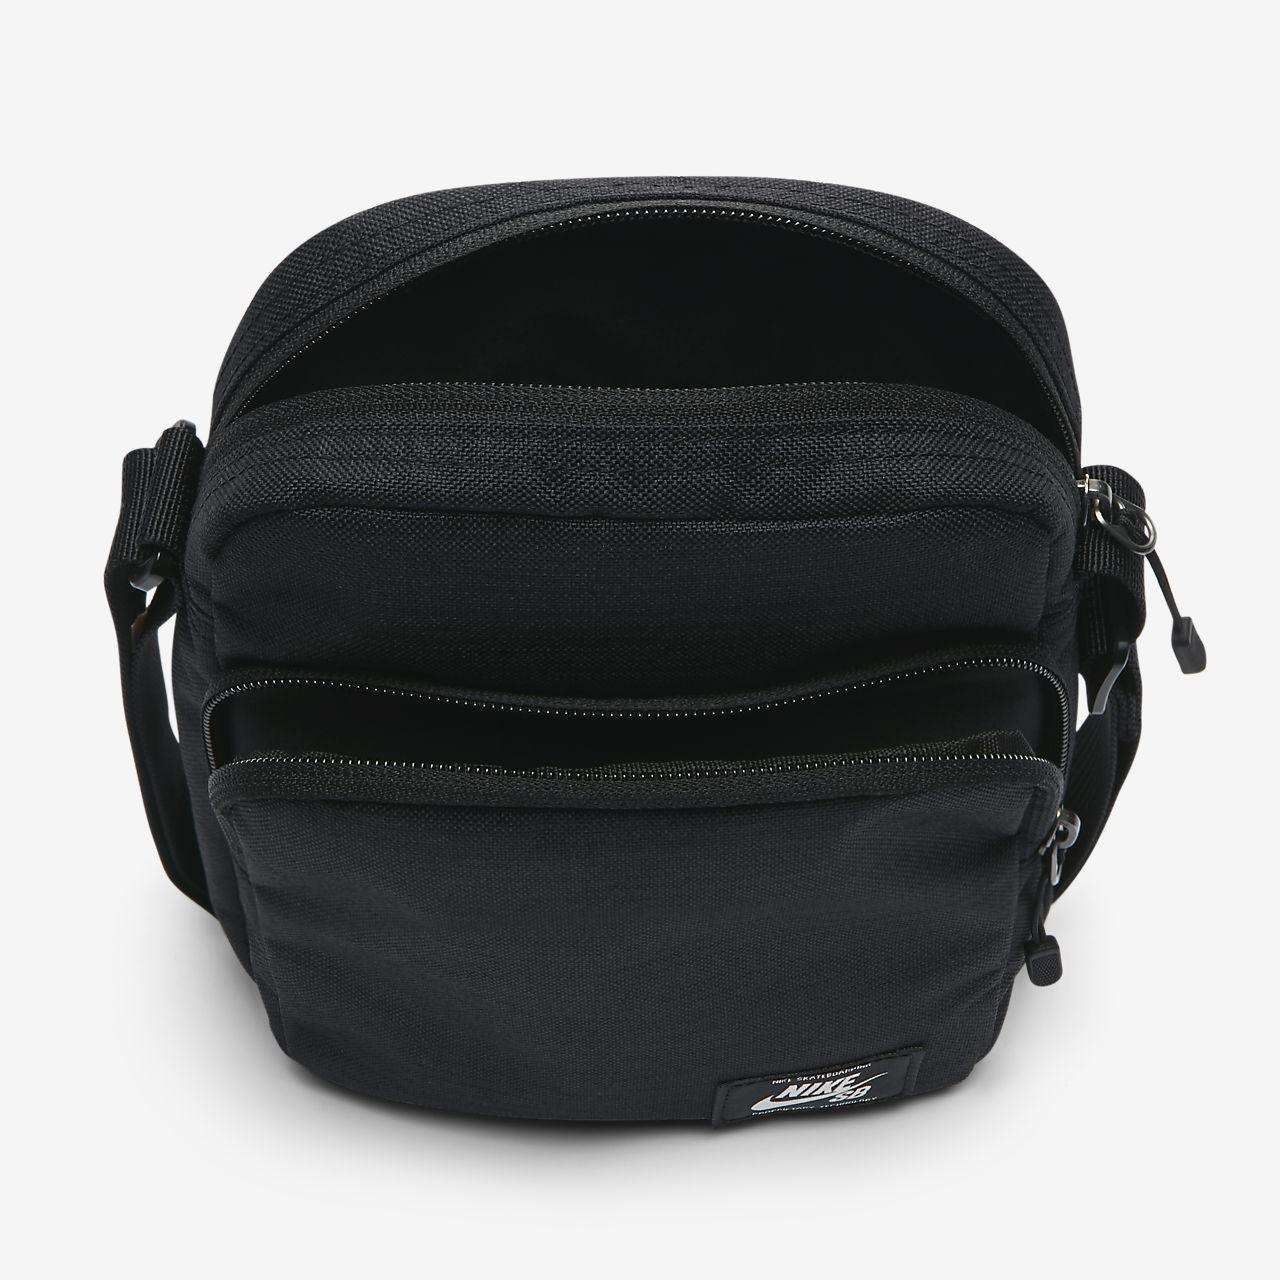 10c93835d8704 ... Kleingegenstände Nike SB Heritage Tasche für Kleingegenstände